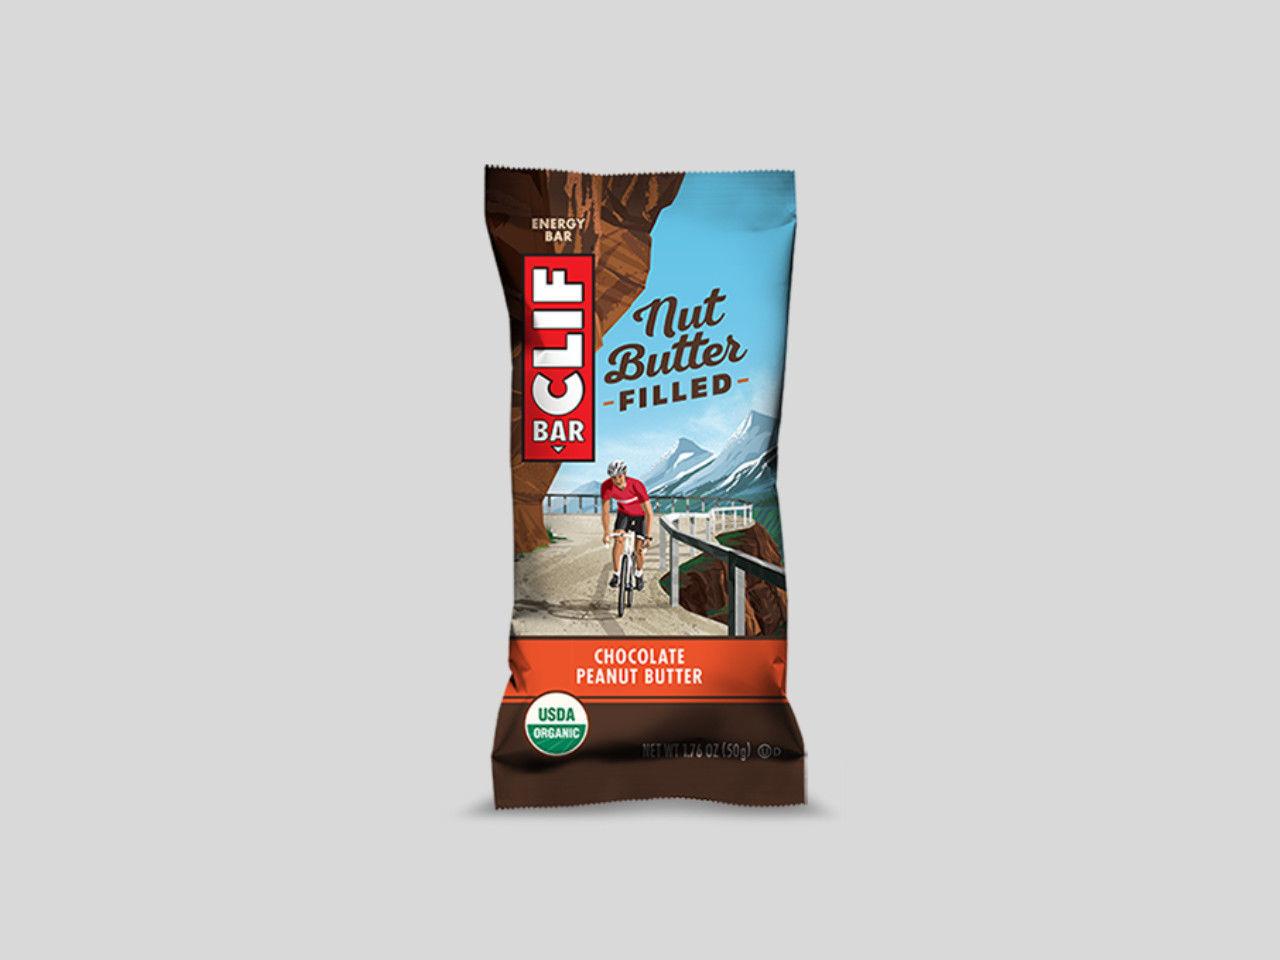 ClifBar energibar 1x68gr Nut Butter Filled - Chocolate Peanut Butter